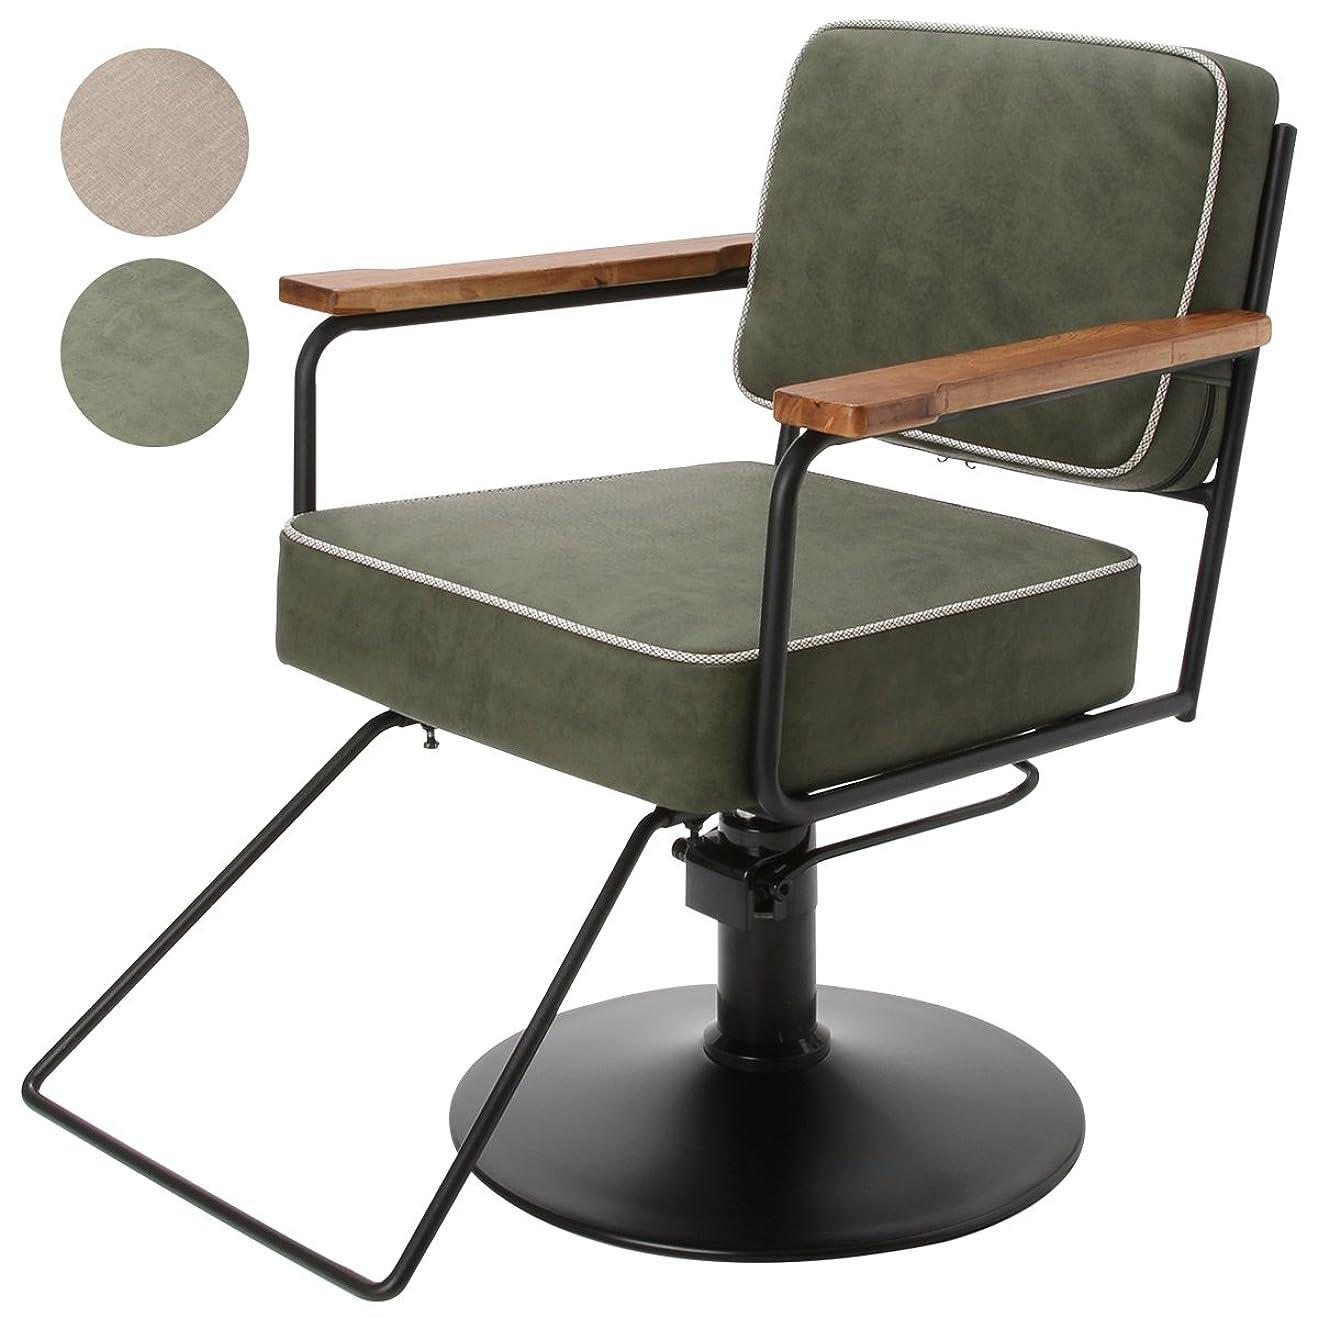 トンネルブラケットその他スタイリングチェア NAPOLI 全2色 グリーン [ スタイリングチェア チェア 椅子 イス セットチェア セット椅子 セットイス カットチェア カット椅子 カットイス 美容室椅子 美容室 美容師 ]